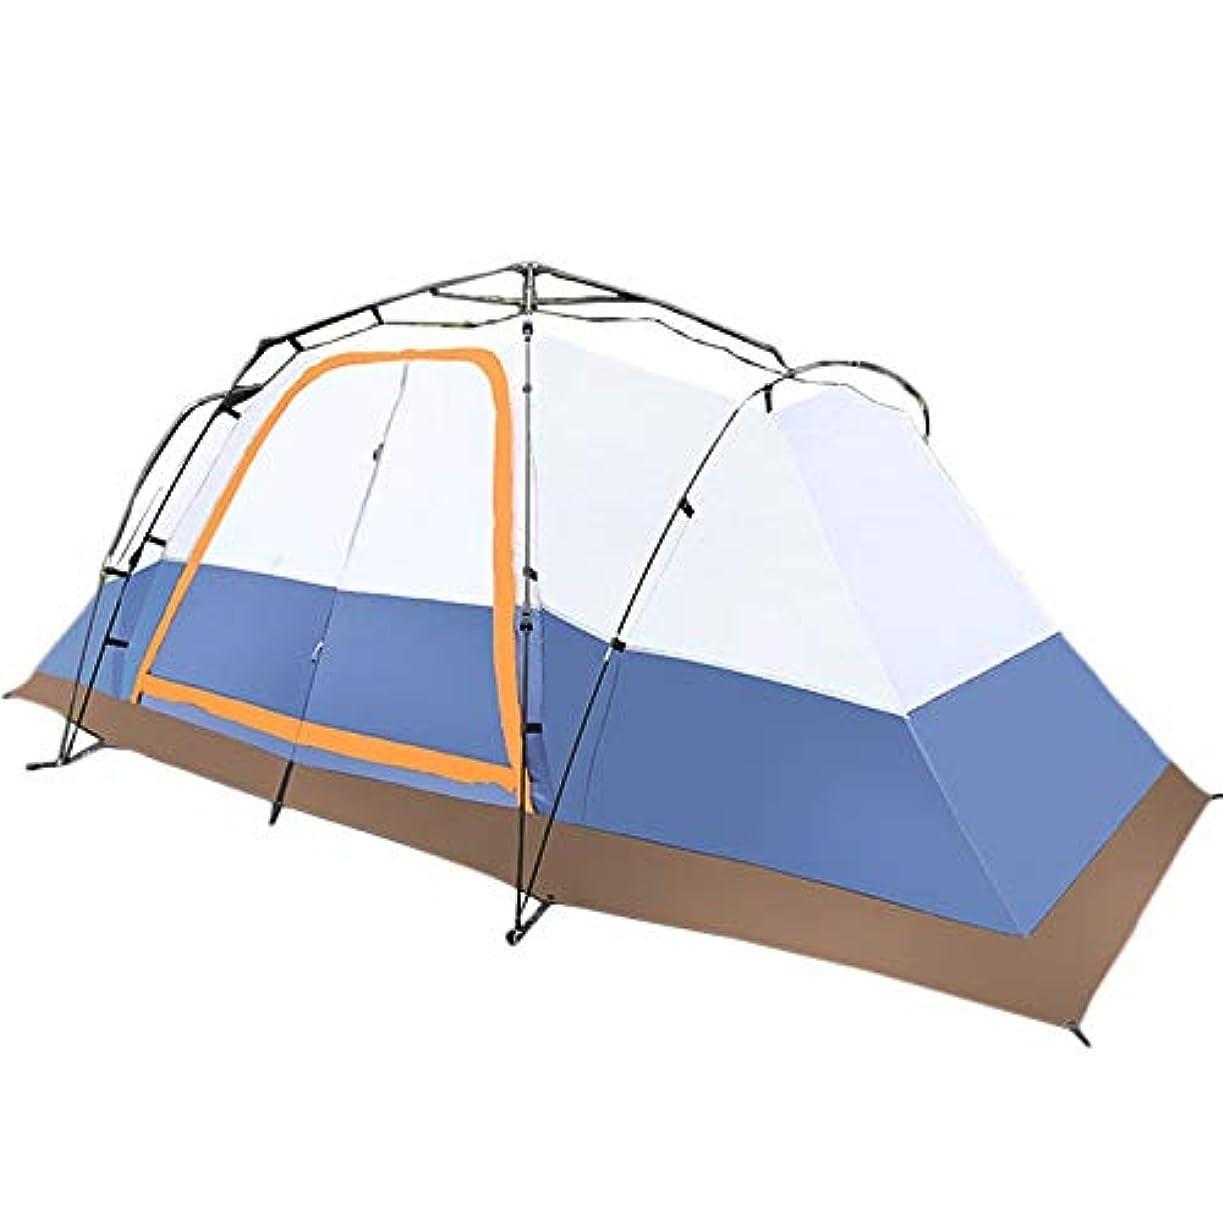 チラチラする折贅沢なNasou 2部屋、1ホール、テント、屋外キャンプ、4?6人、8?10人、2部屋、1ホール、多人数ダブルテント